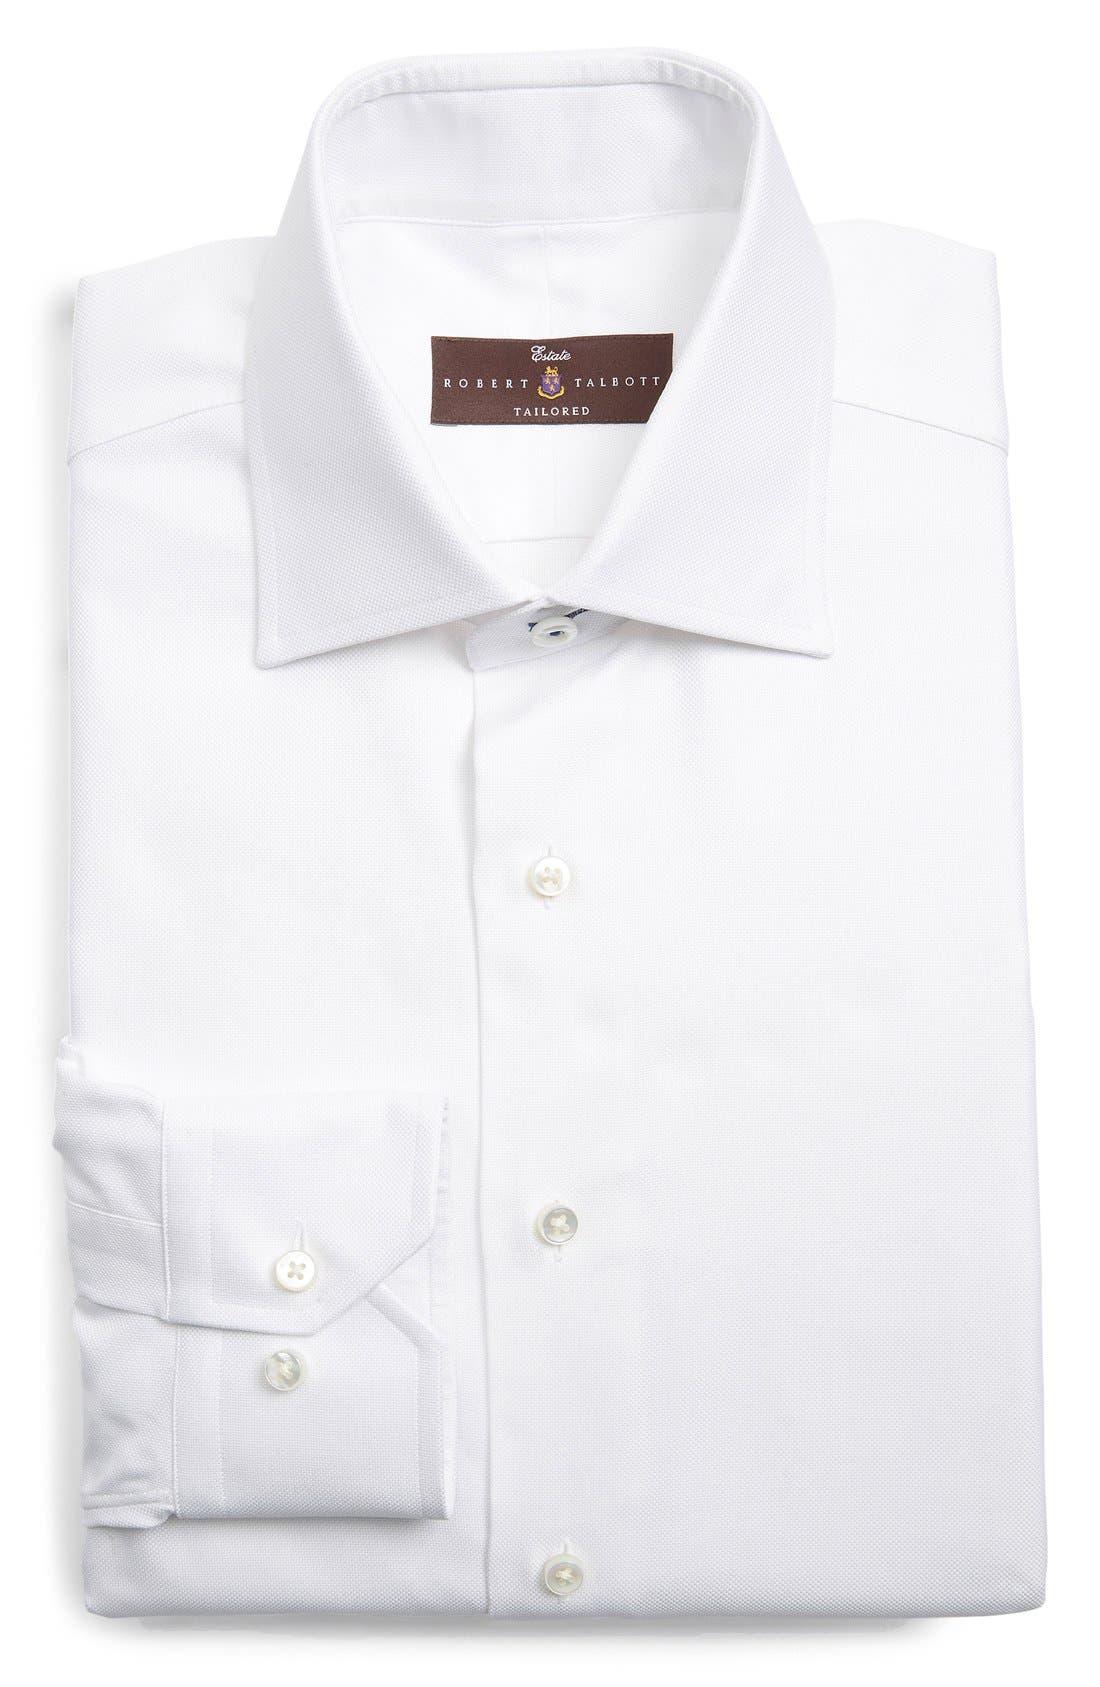 ROBERT TALBOTT Trim Fit Dress Shirt